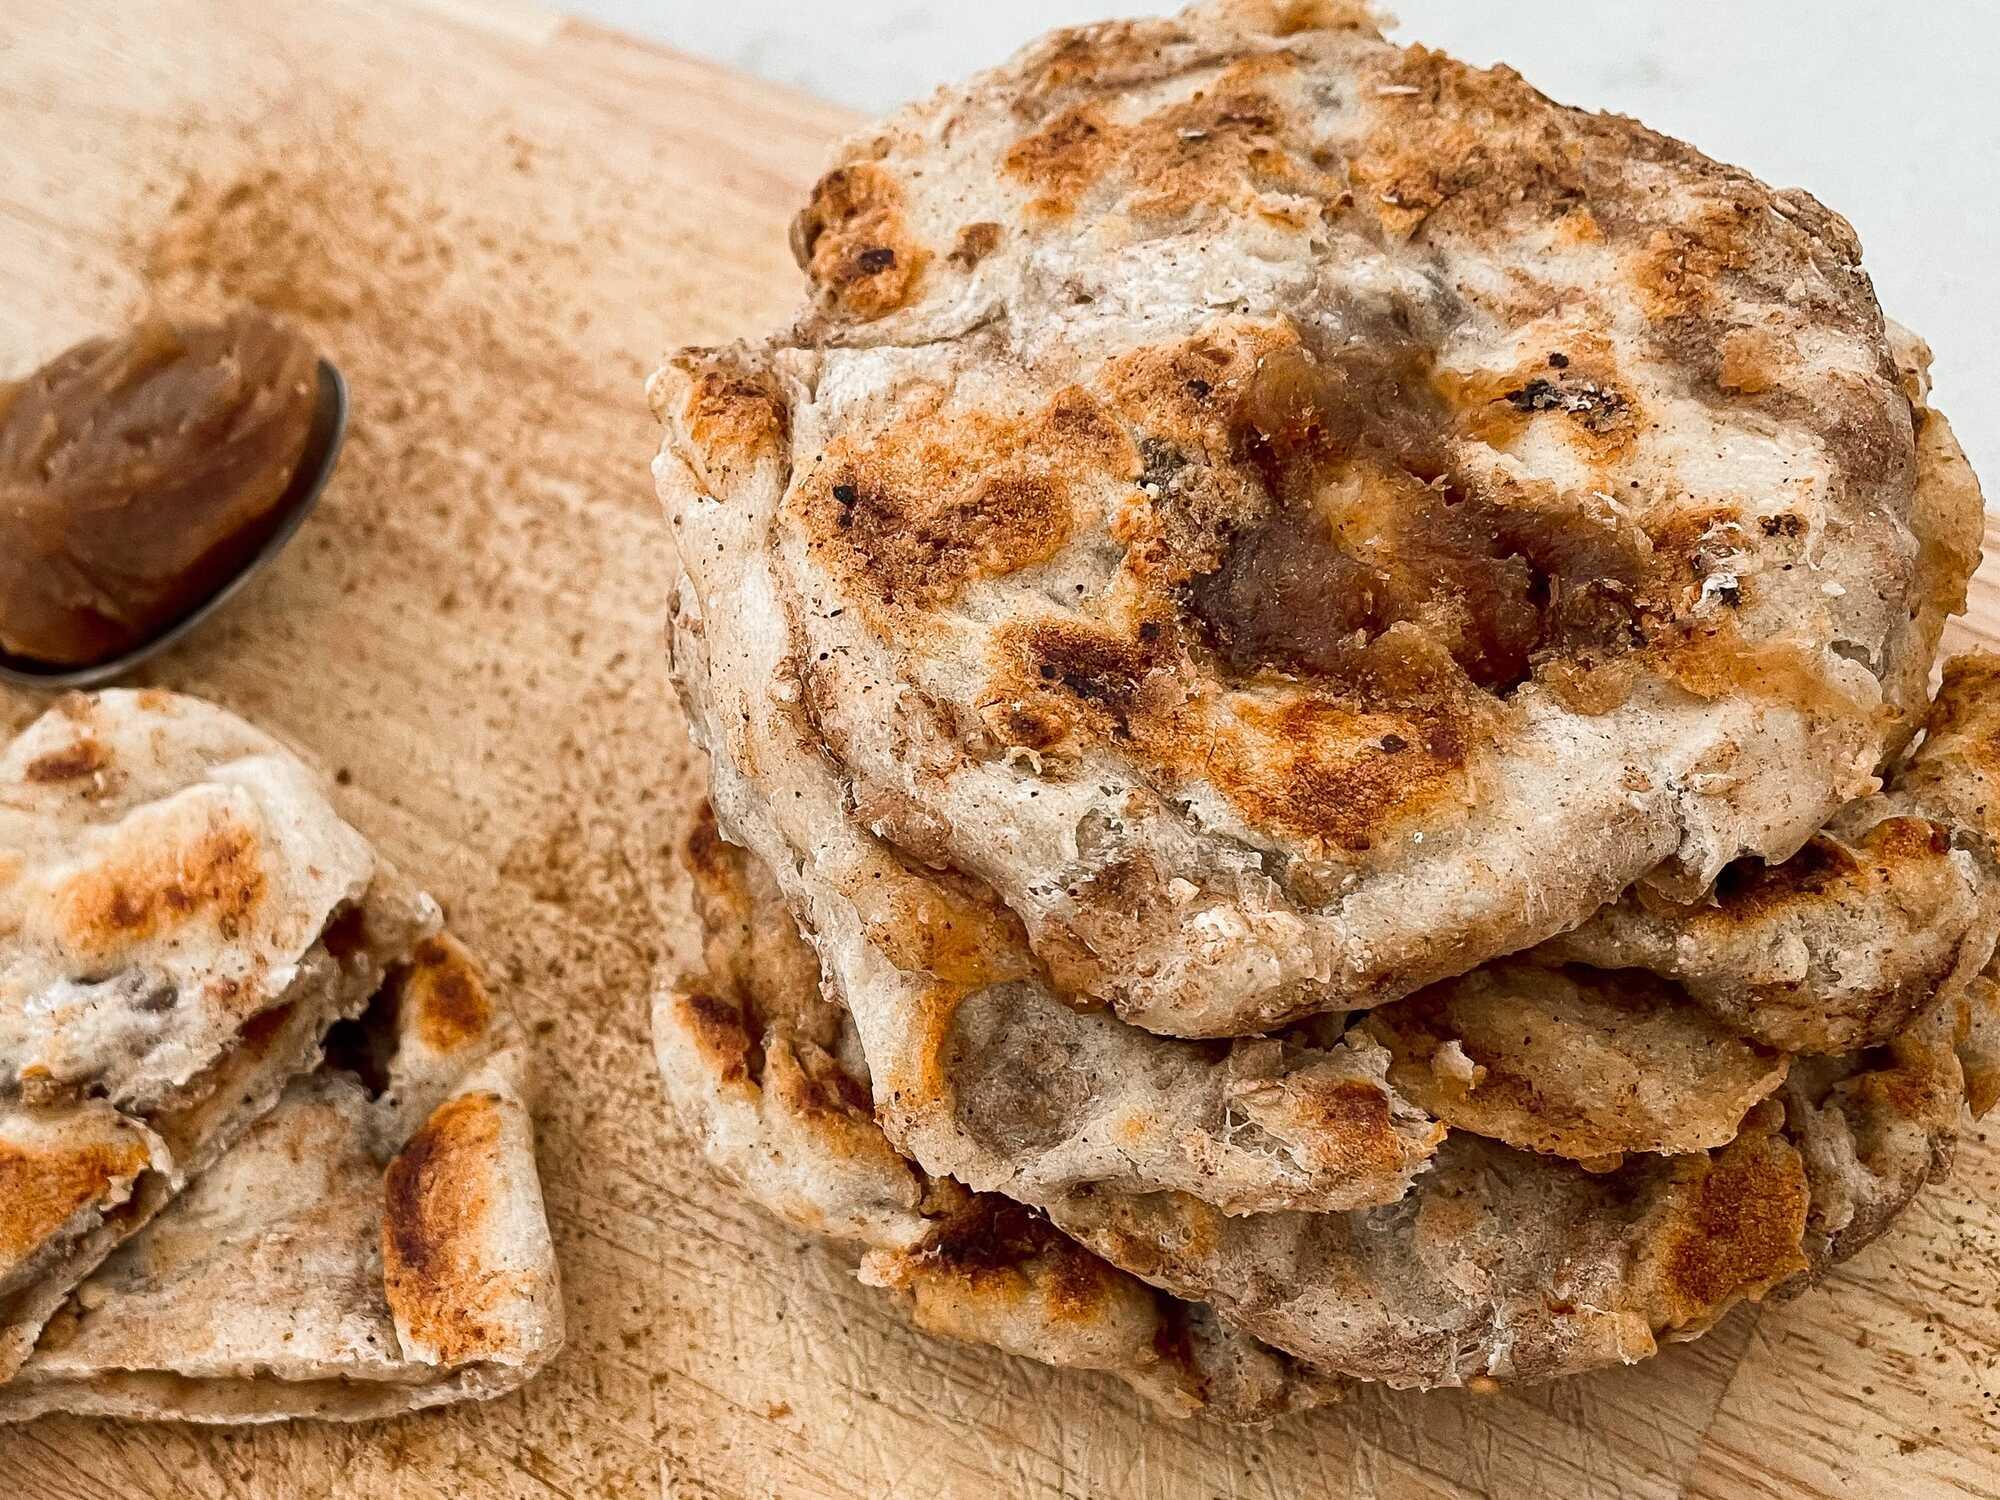 Quel plaisir pour les yeux que ces petits pains dorés, fourrés à la crème de marron et à la cannelle, ils font penser à de minis pizzas.